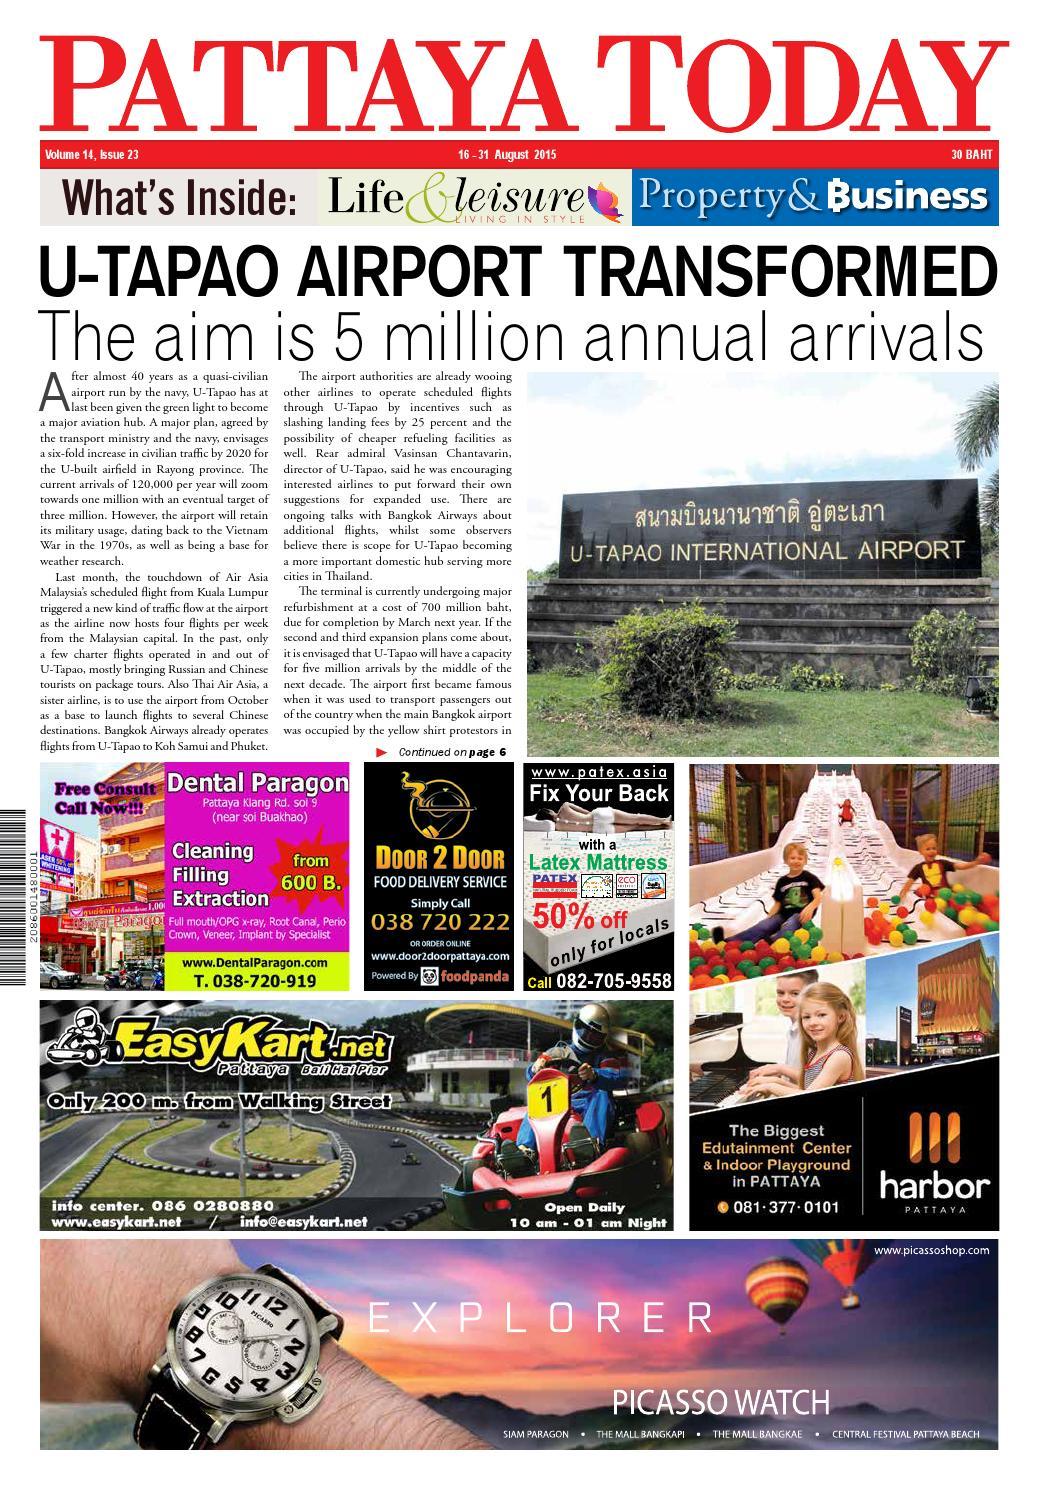 caterpillar shoes bangkok airways frequent flier info